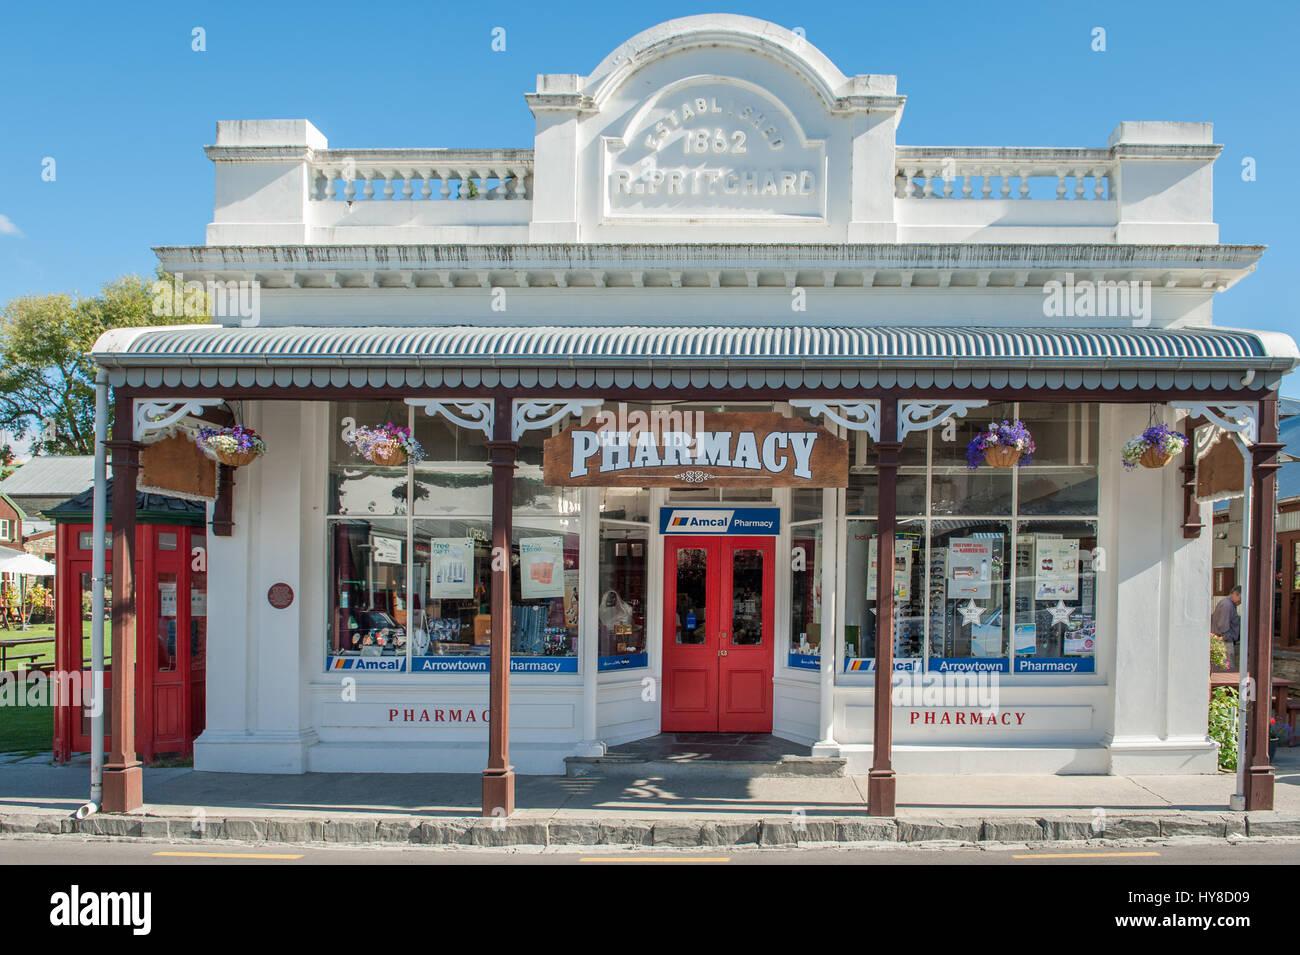 Arrowtown ist eine historische Goldgräberstadt in der Nähe von Queenstown in Central Otago, Neuseeland. Stockfoto